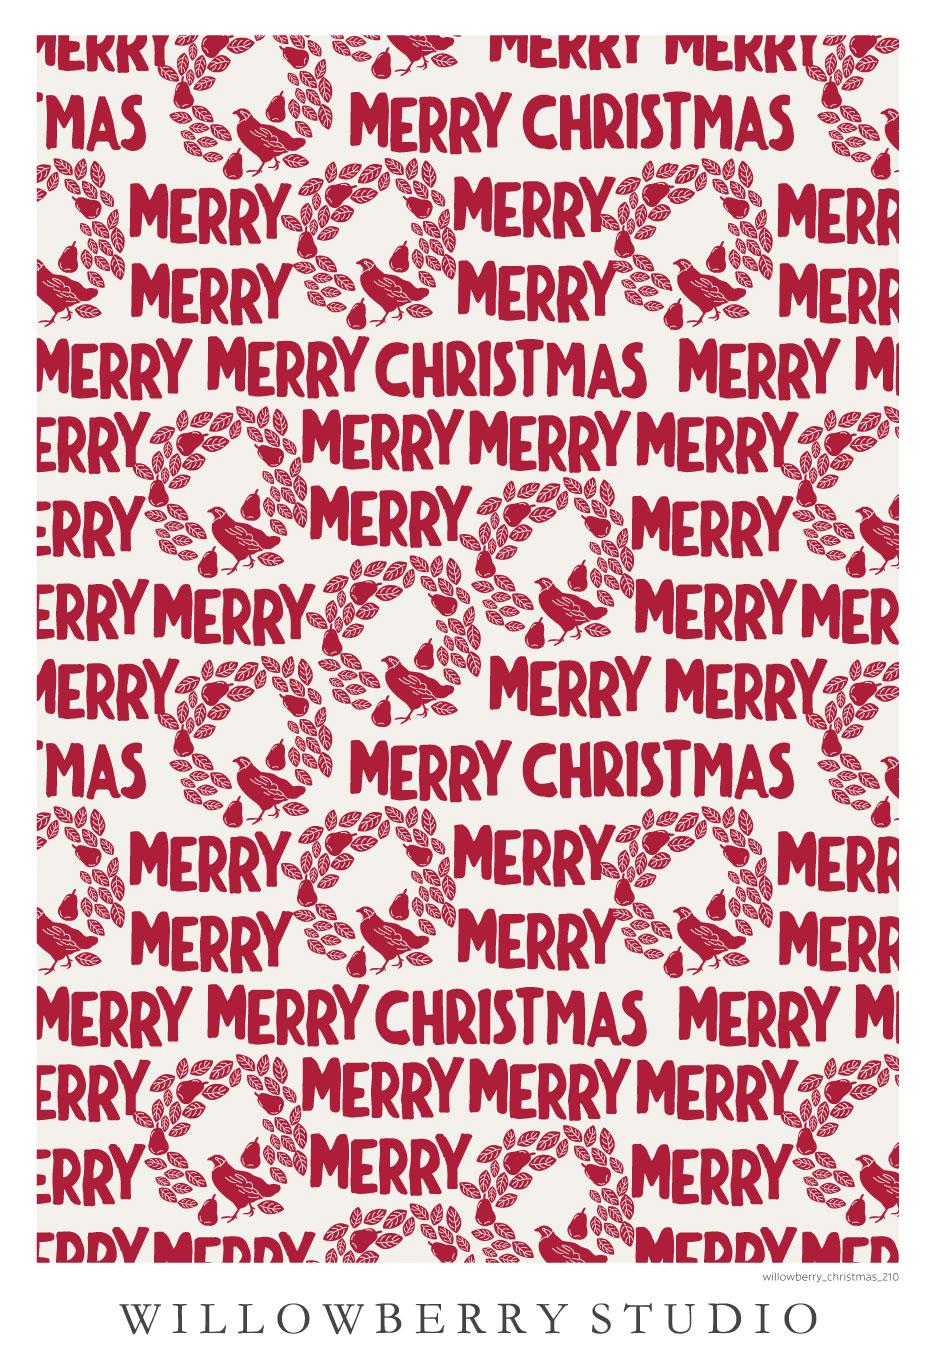 willowberry_christmas_210.jpg